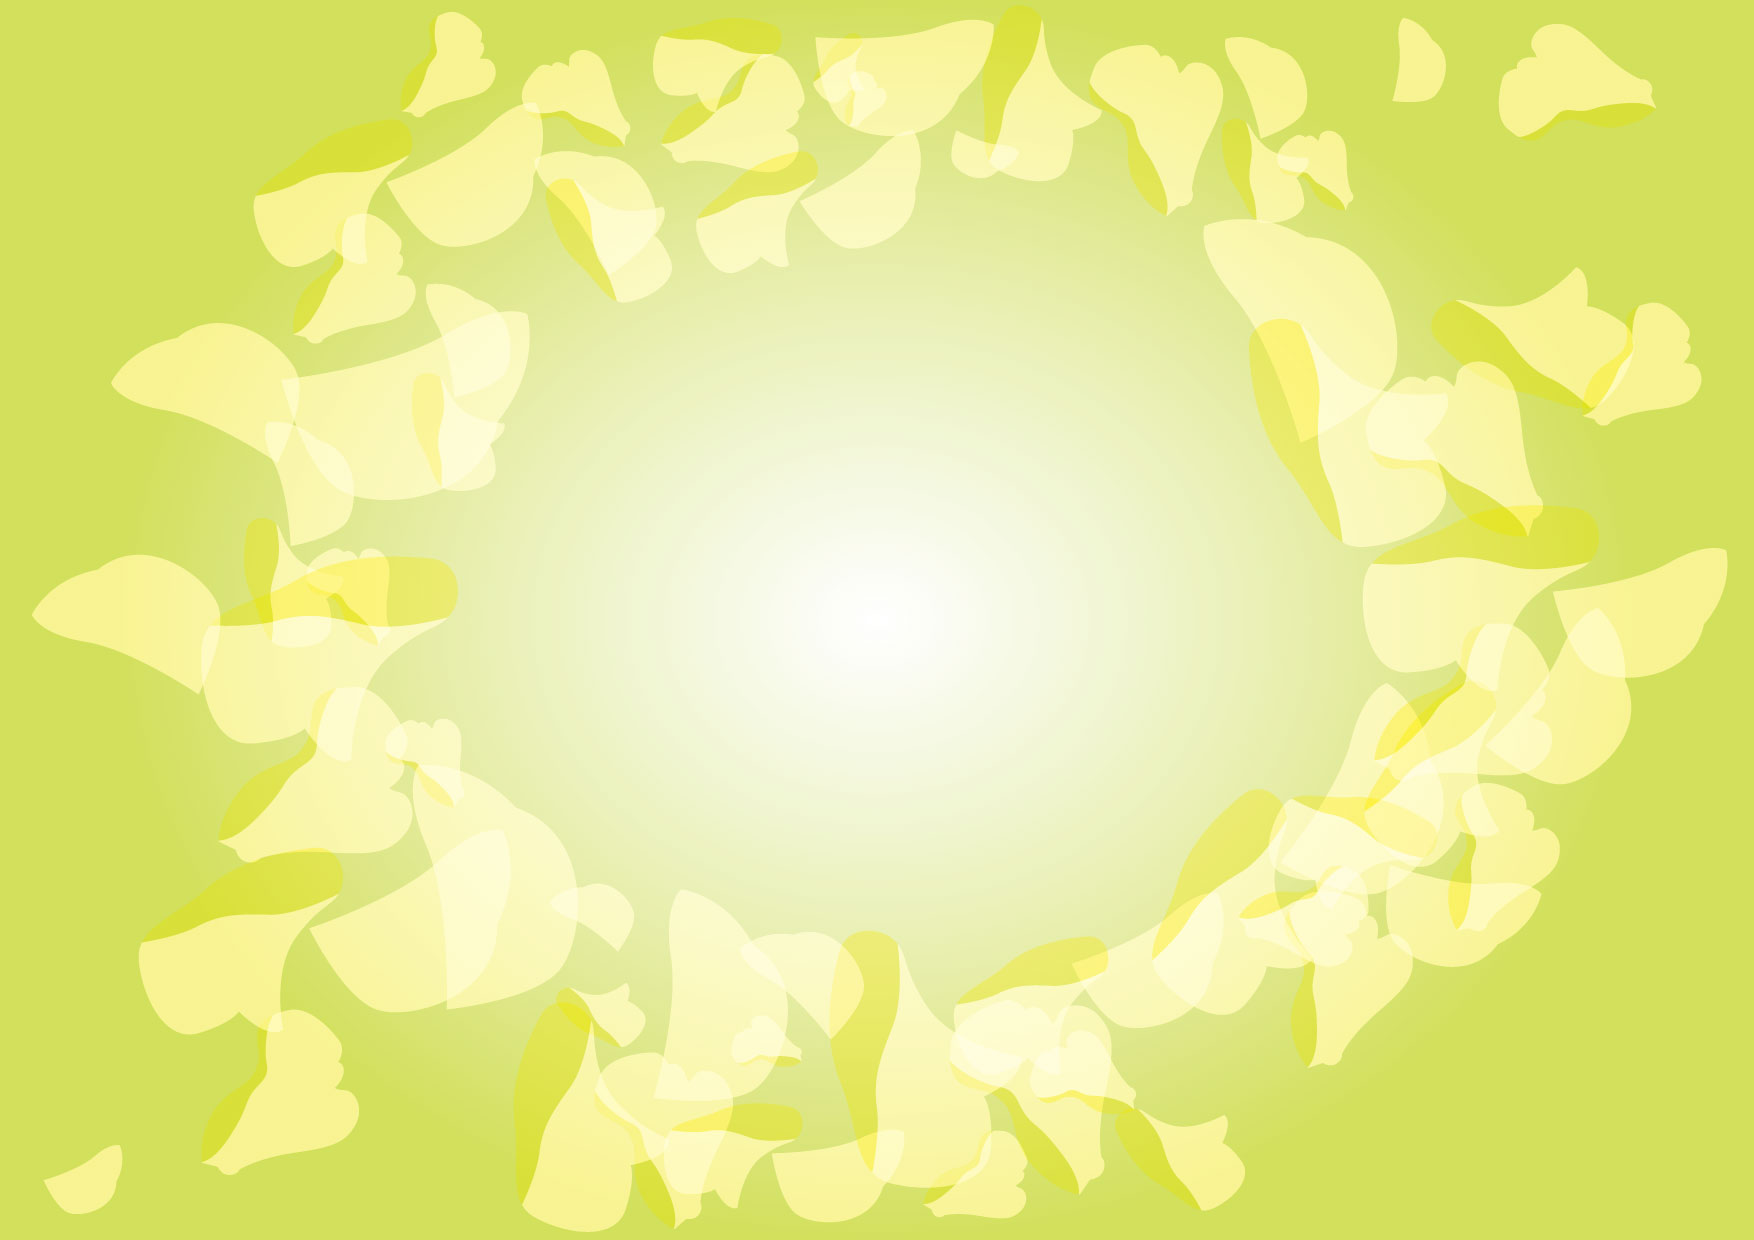 可愛いイラスト無料|背景 花びら グリーン − free illustration Background petal green